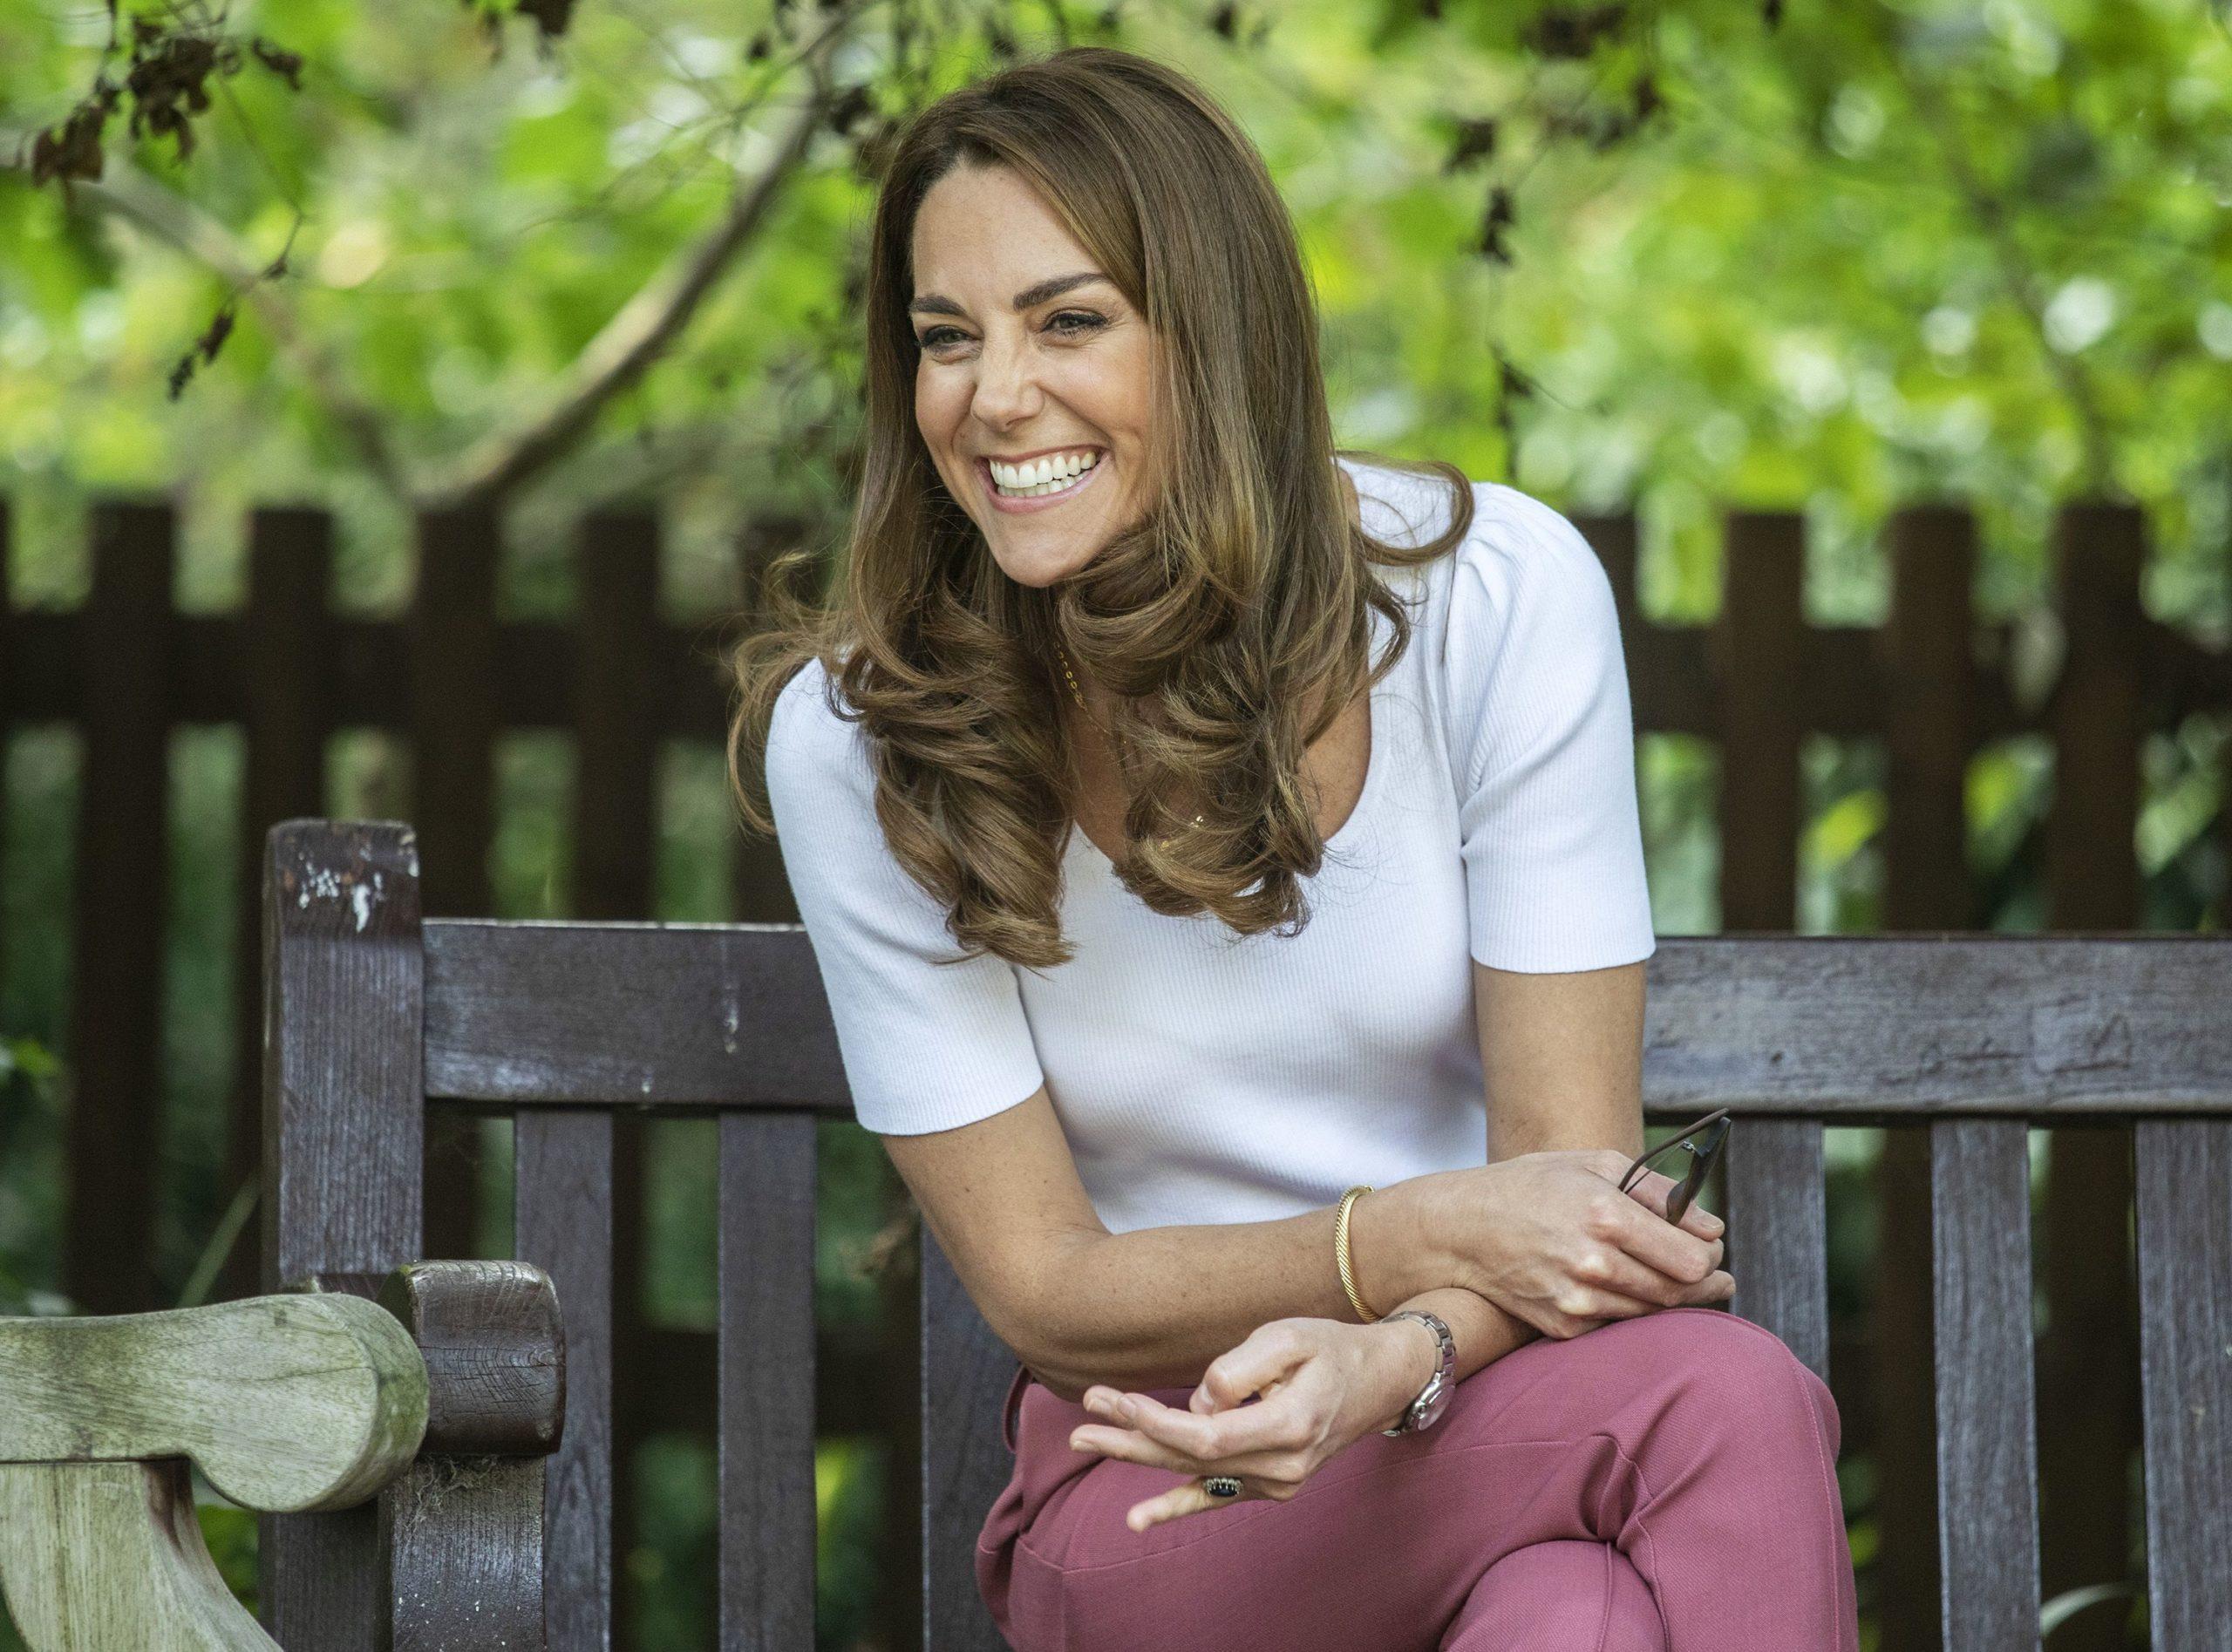 Kate Middleton inarrestabile (e non sbaglia un colpo): cosa farà la duchessa di Cambridge